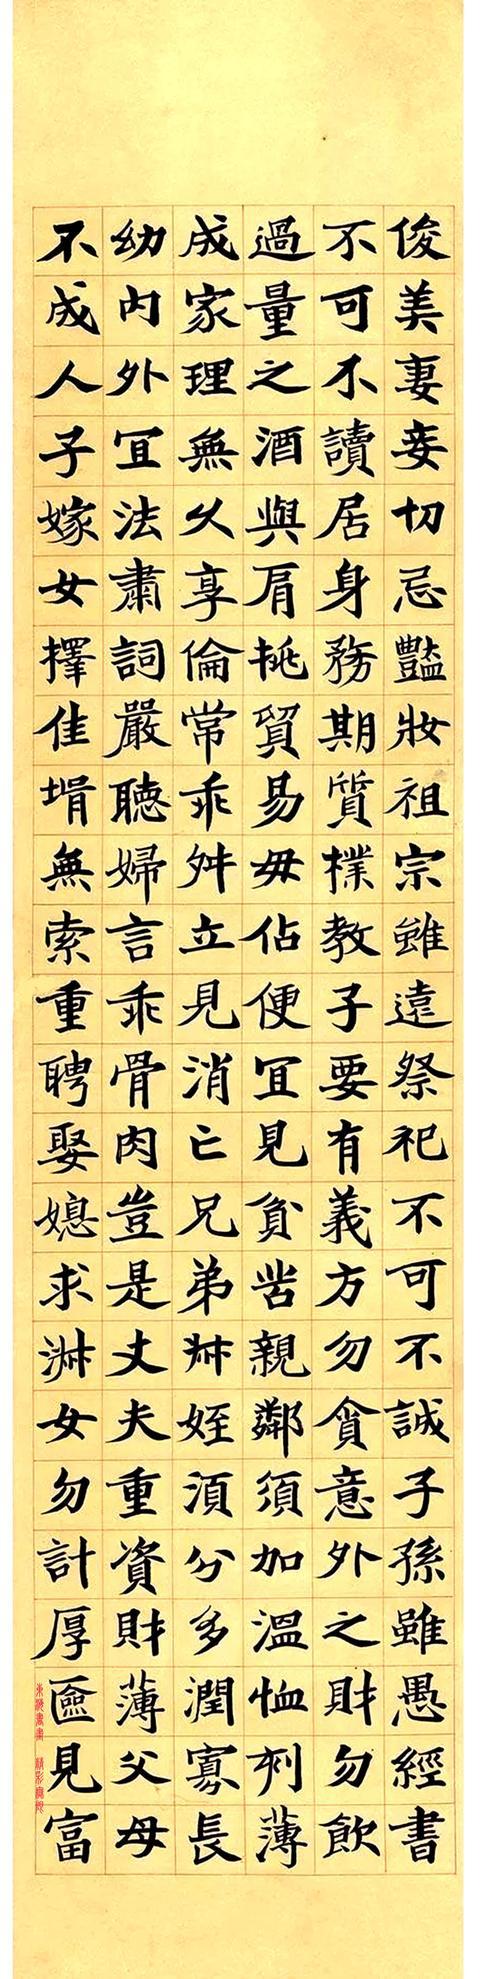 张伯英1941年 楷书《朱伯庐先生治家格言》四屏